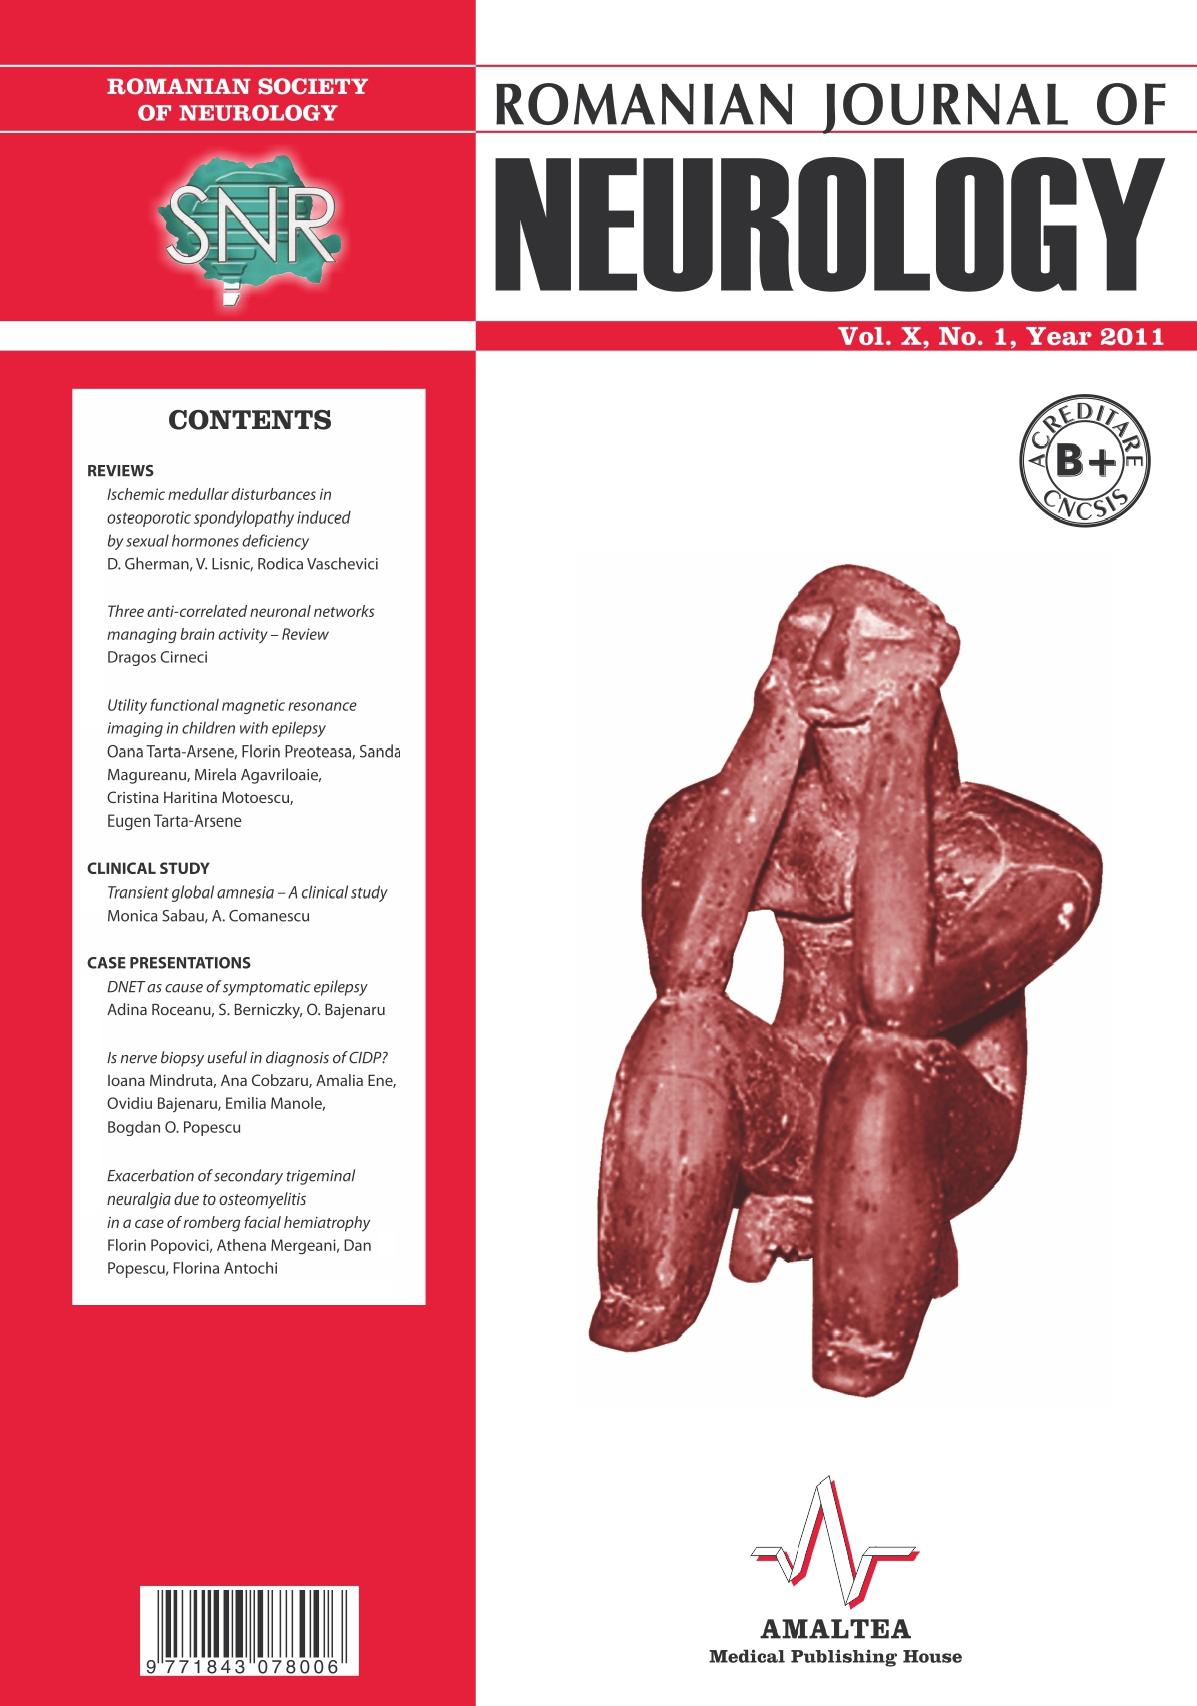 Romanian Journal of Neurology, Volume X, No. 1, 2011